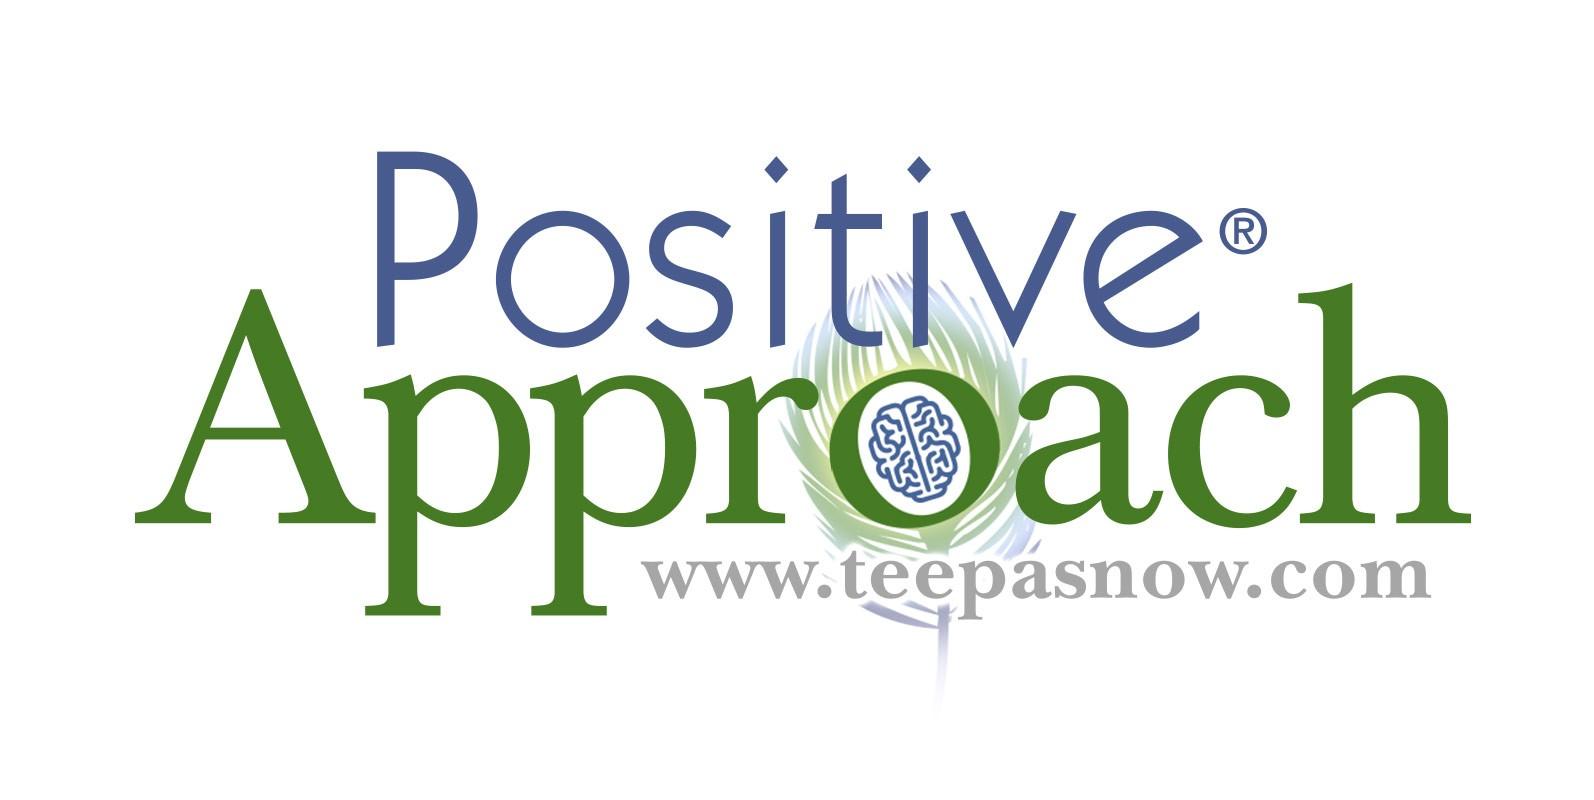 Positive Approach Teepa Snow